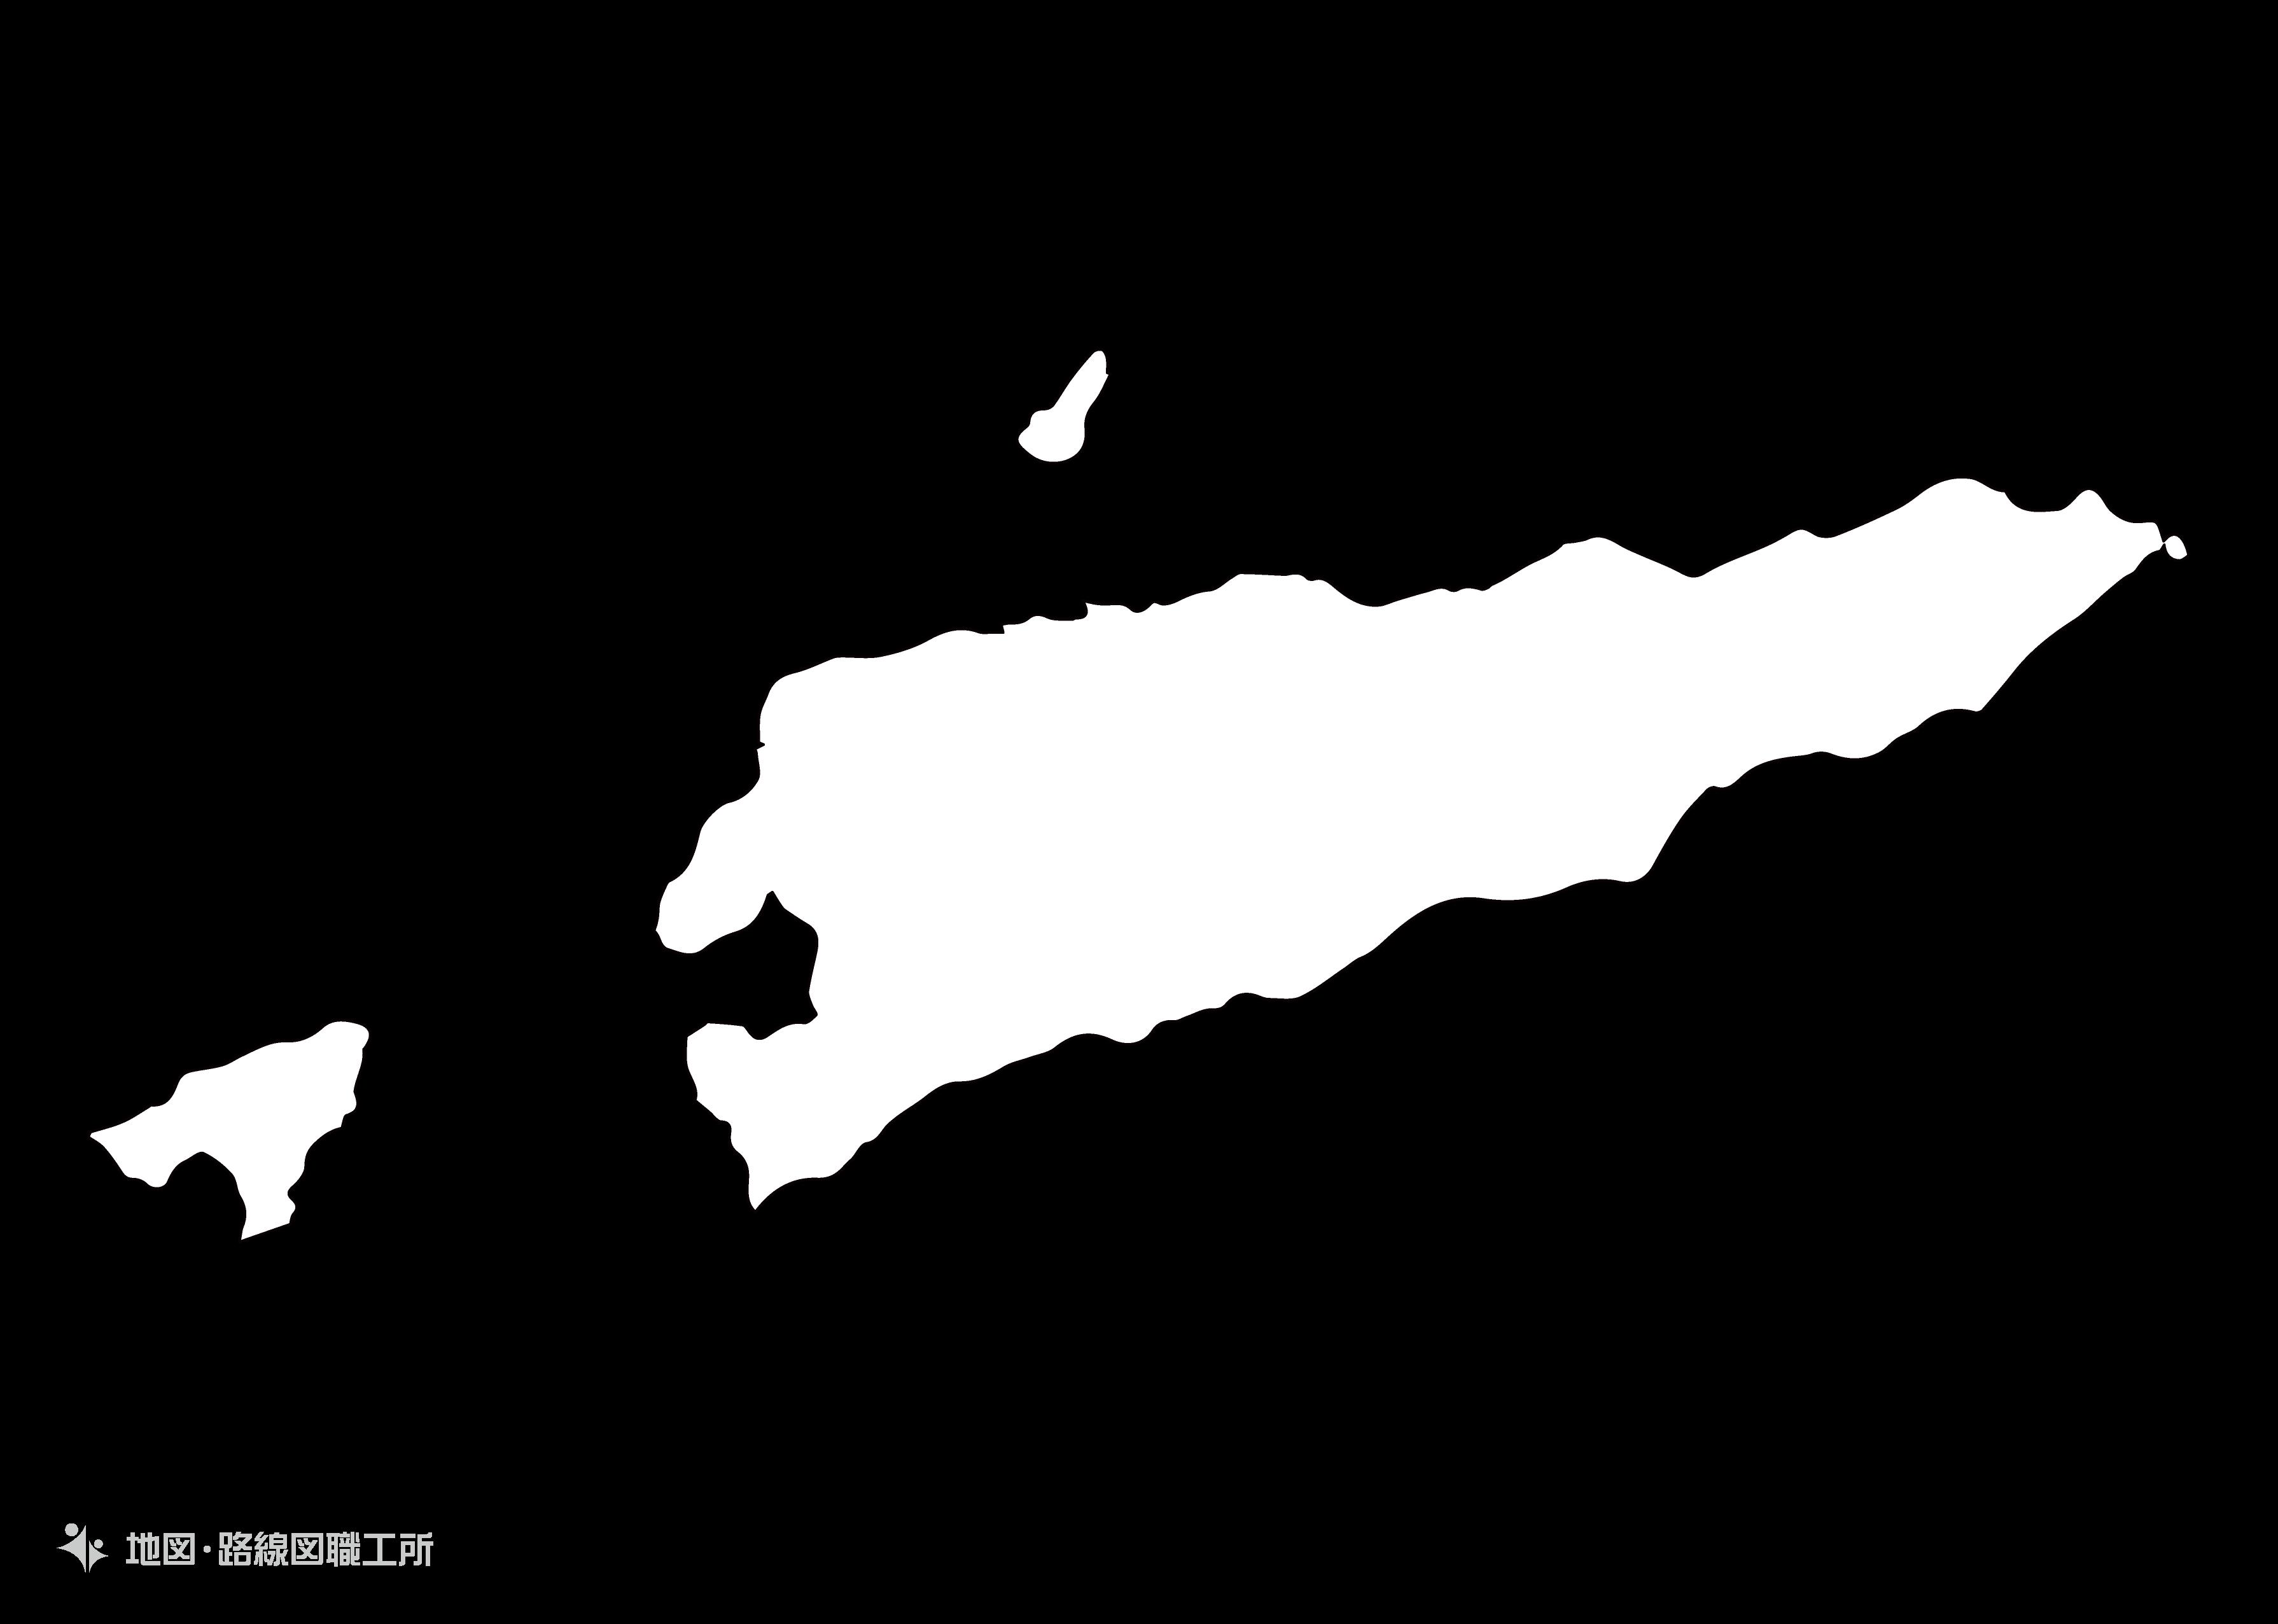 世界の白地図 東ティモール民主共和国 the-democratic-republic-of-timor-leste map